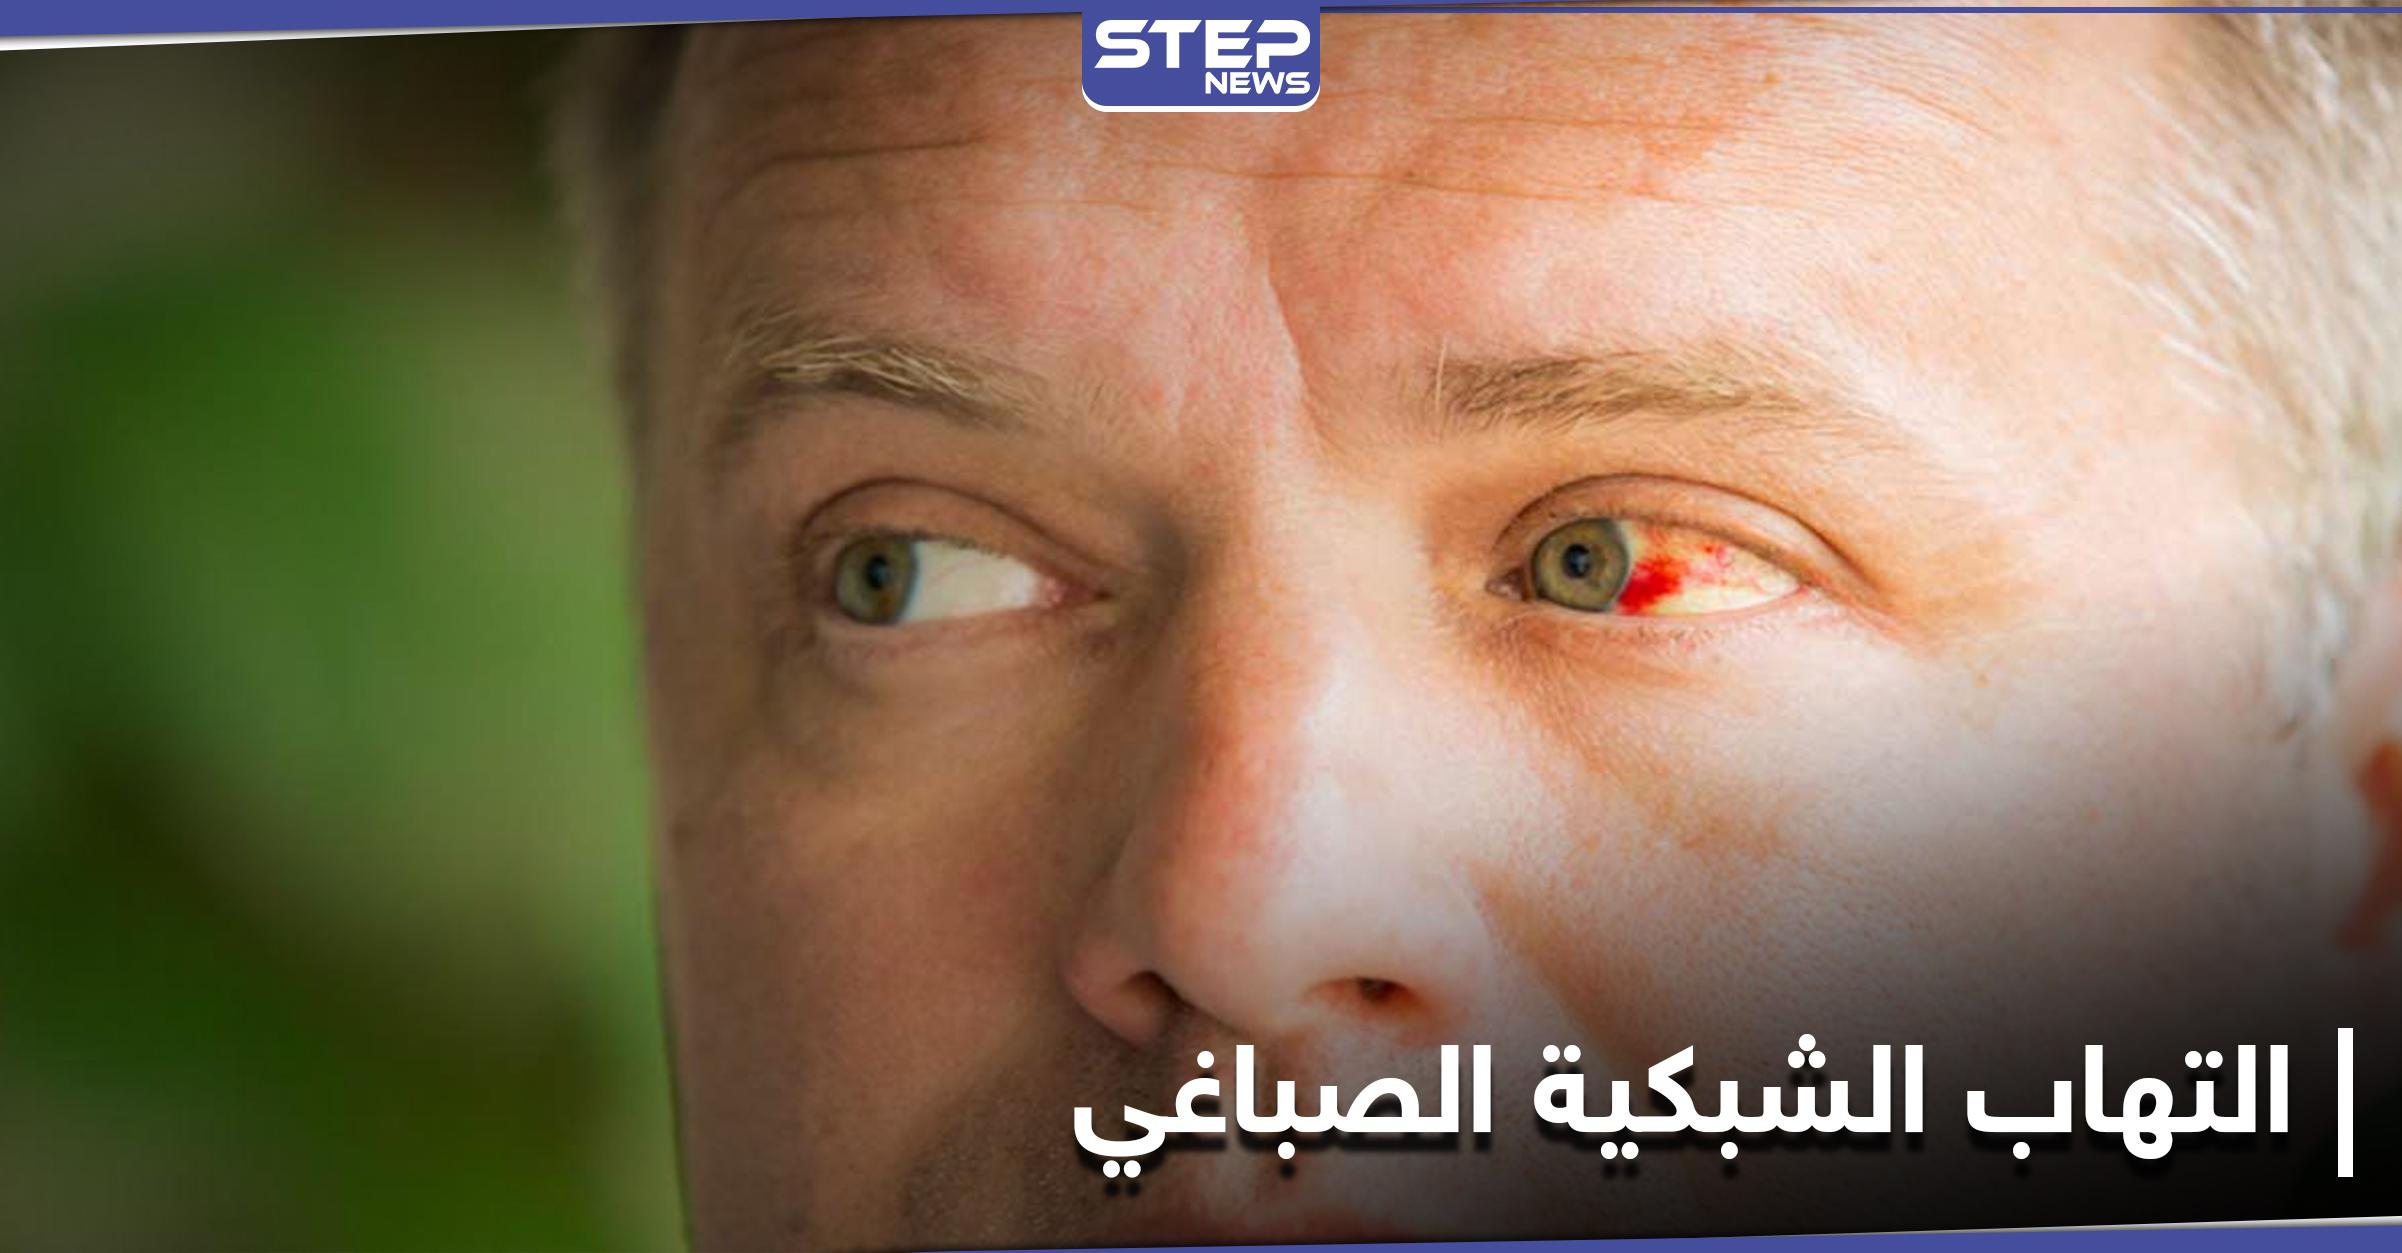 أخطر الإصابات العينية.. التهاب الشبكية الصباغي تعرف إلى أعراضه وعلاجاته